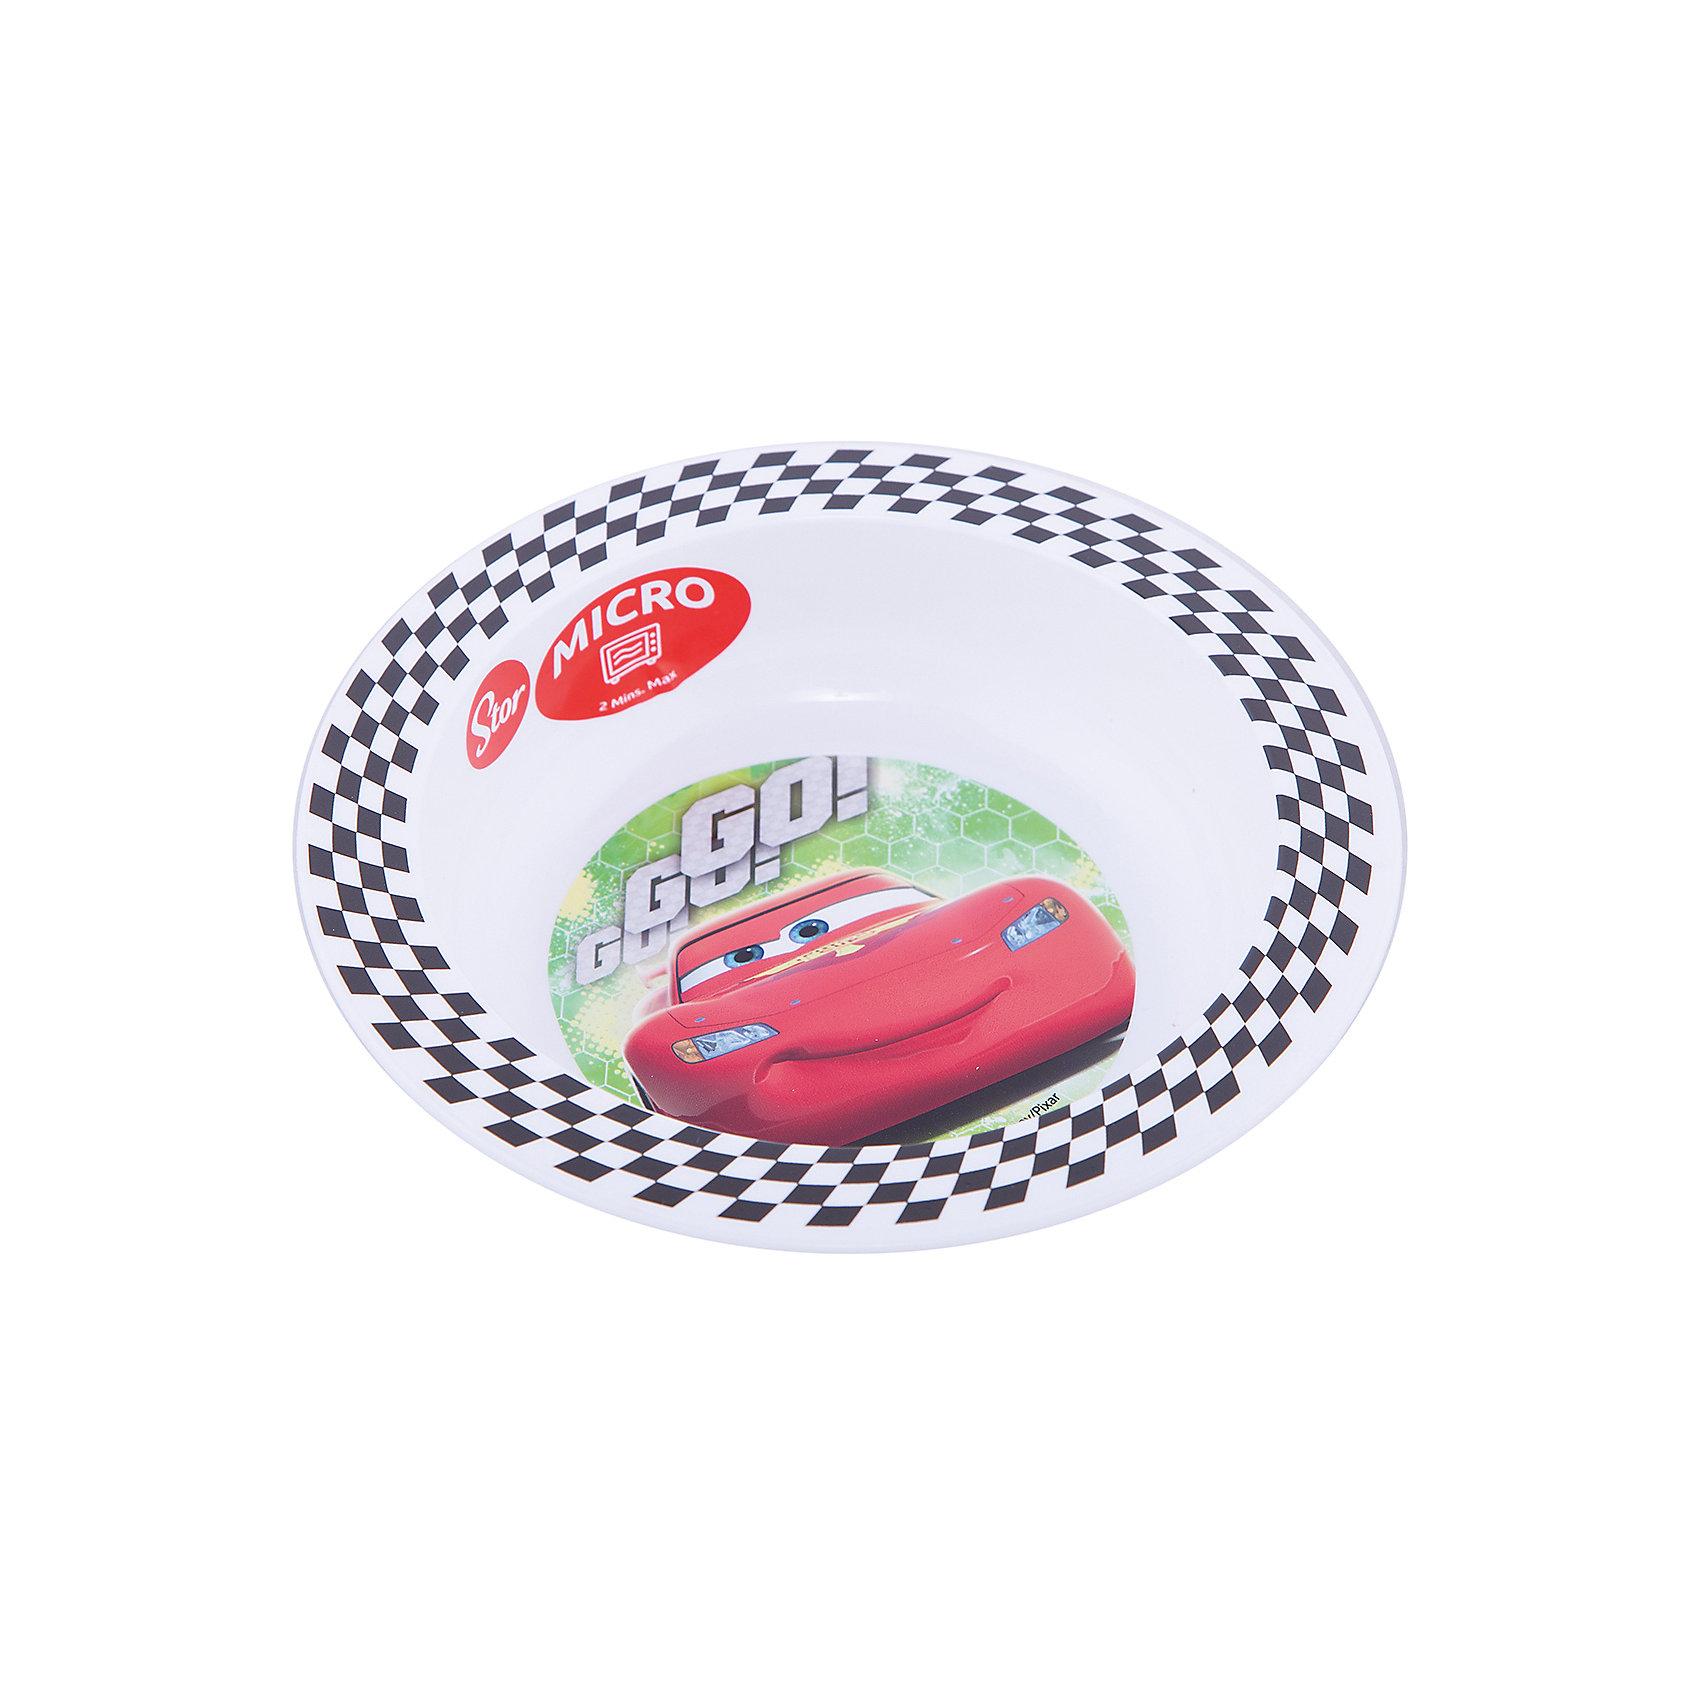 Миска пластиковая (для СВЧ). Тачки Грани гонокТачки<br>Характеристики:<br><br>• возраст: от 3 лет;<br>• материал: пищевой пластик;<br>• диаметр: 16,5 см;<br>• вес: 43 г.<br>   <br>Красочная детская миска с изображением любимых персонажей предназначена для детей от 3 лет. Яркую посуду можно использовать дома, брать с собой в дорогу или на пикник. <br><br>Глубокая миска изготовлена из высококачественного пищевого пластика. Подходит для обучения детей самостоятельному приему пищи, она не бьется и безопасна для малышей.<br><br>Миску можно использовать для горячих блюд и СВЧ. <br><br>Миска пластиковая для СВЧ, Тачки Грани гонок, ND Play можно приобрести в нашем интернет-магазине.<br><br>Ширина мм: 165<br>Глубина мм: 37<br>Высота мм: 165<br>Вес г: 43<br>Возраст от месяцев: 36<br>Возраст до месяцев: 2147483647<br>Пол: Унисекс<br>Возраст: Детский<br>SKU: 7010337